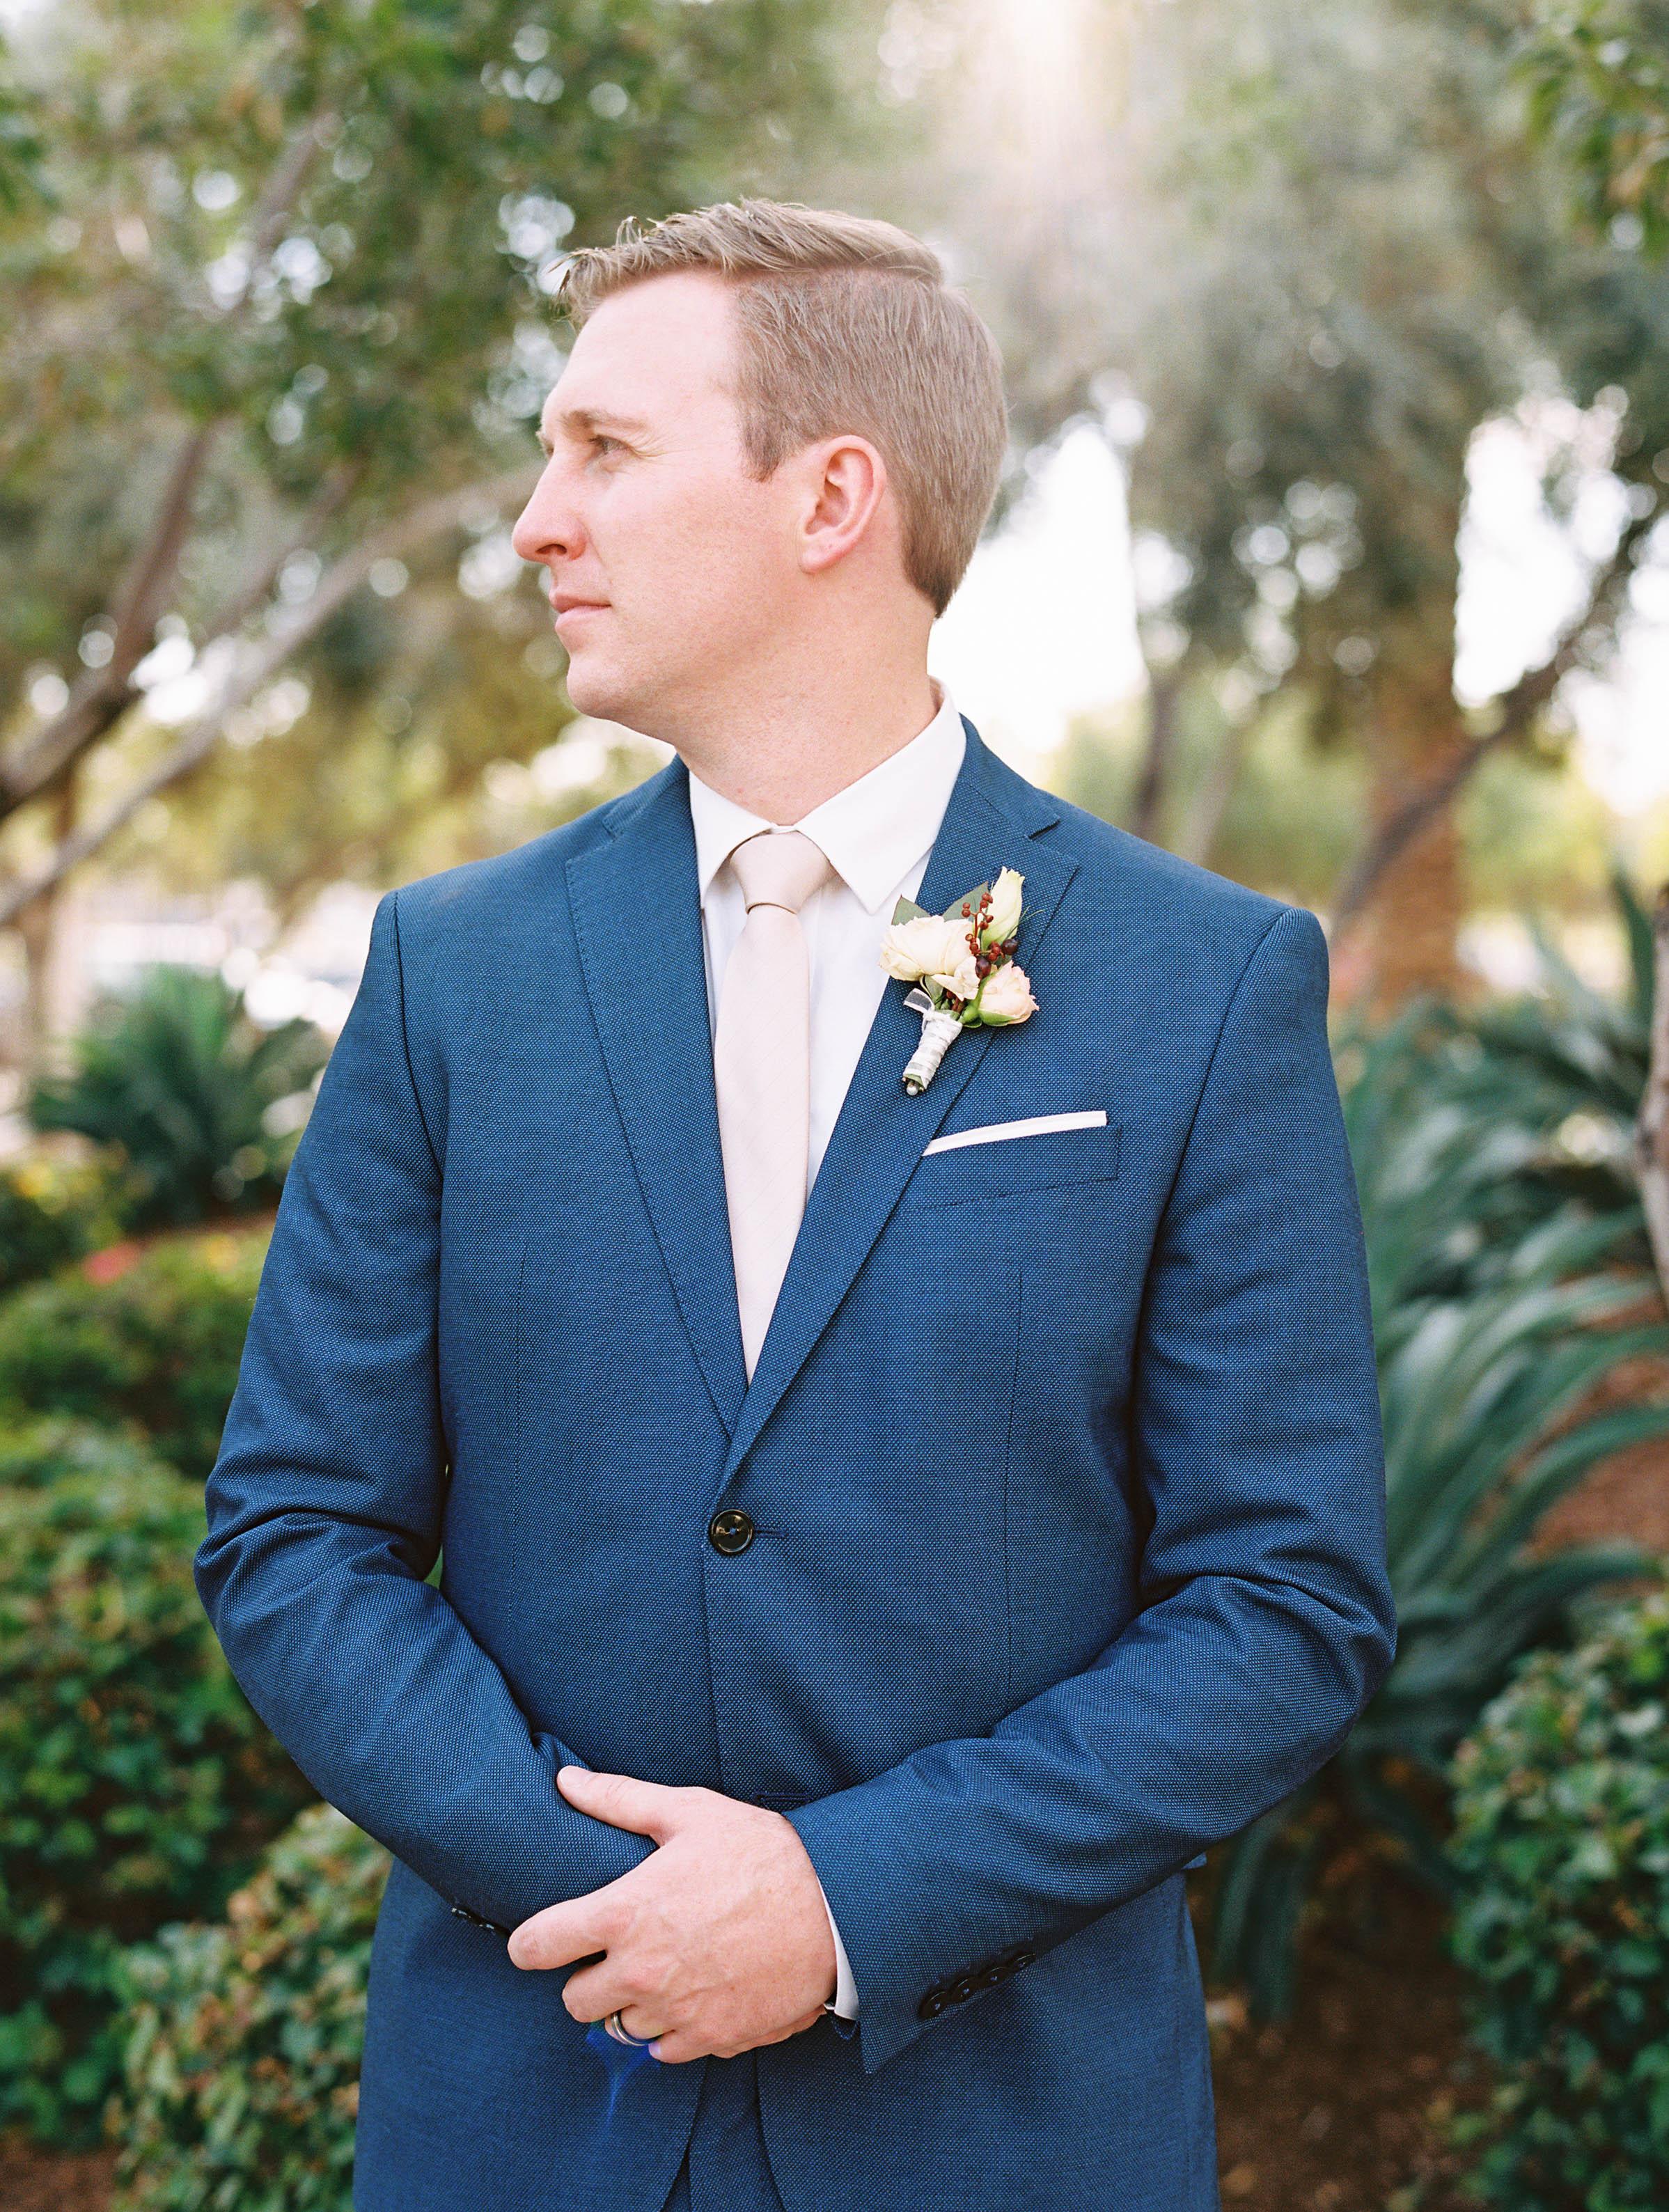 kelsandmichael_weddingphotography_coffey-7.jpg